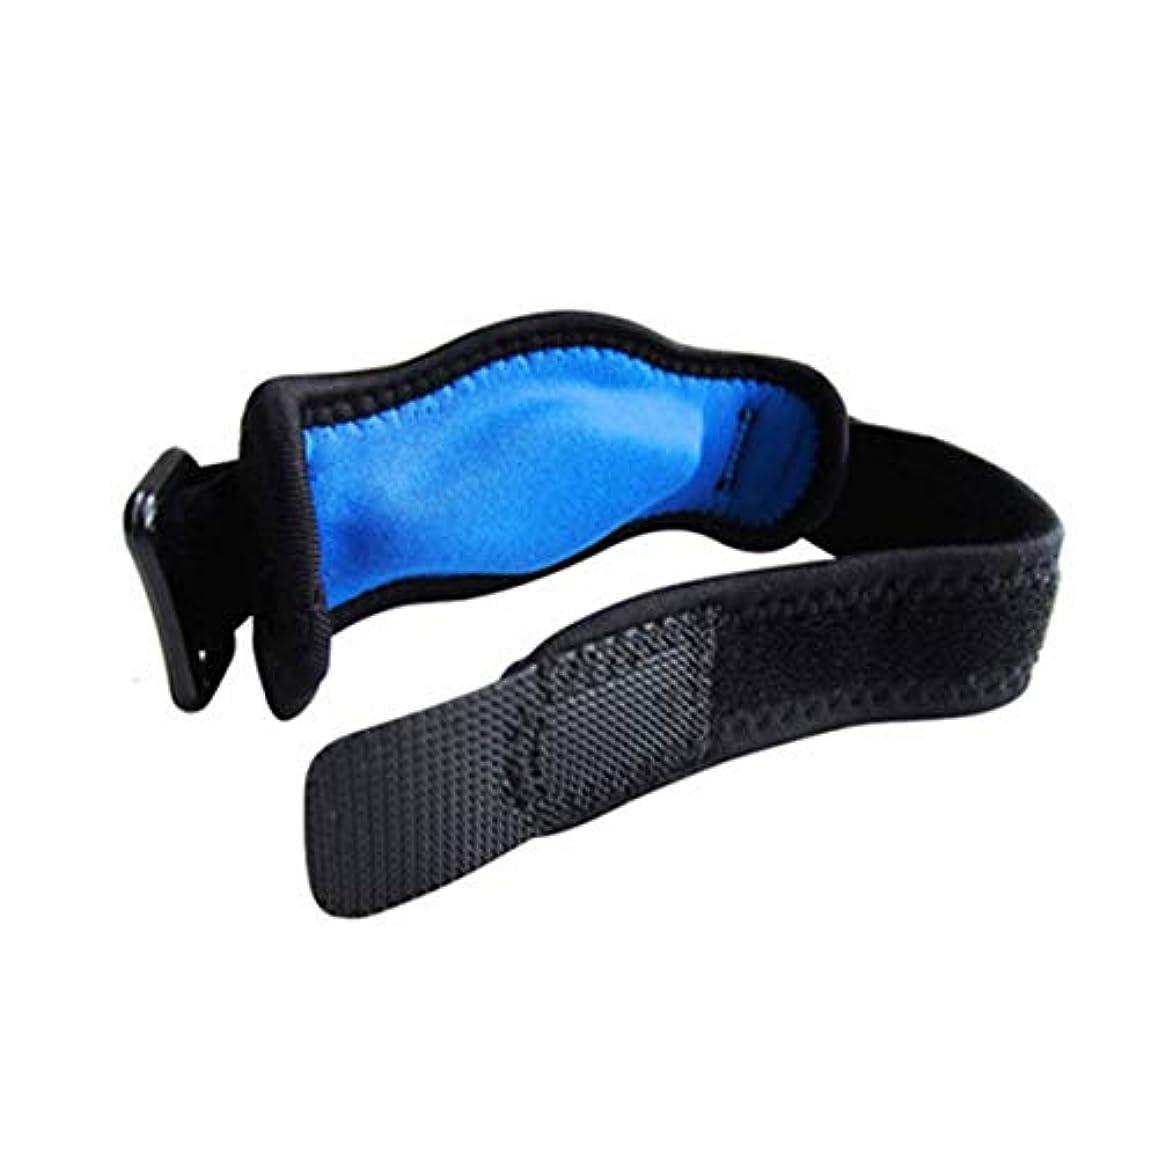 シャンパン見出し区画調節可能なテニス肘サポートストラップブレースゴルフ前腕痛み緩和 - 黒